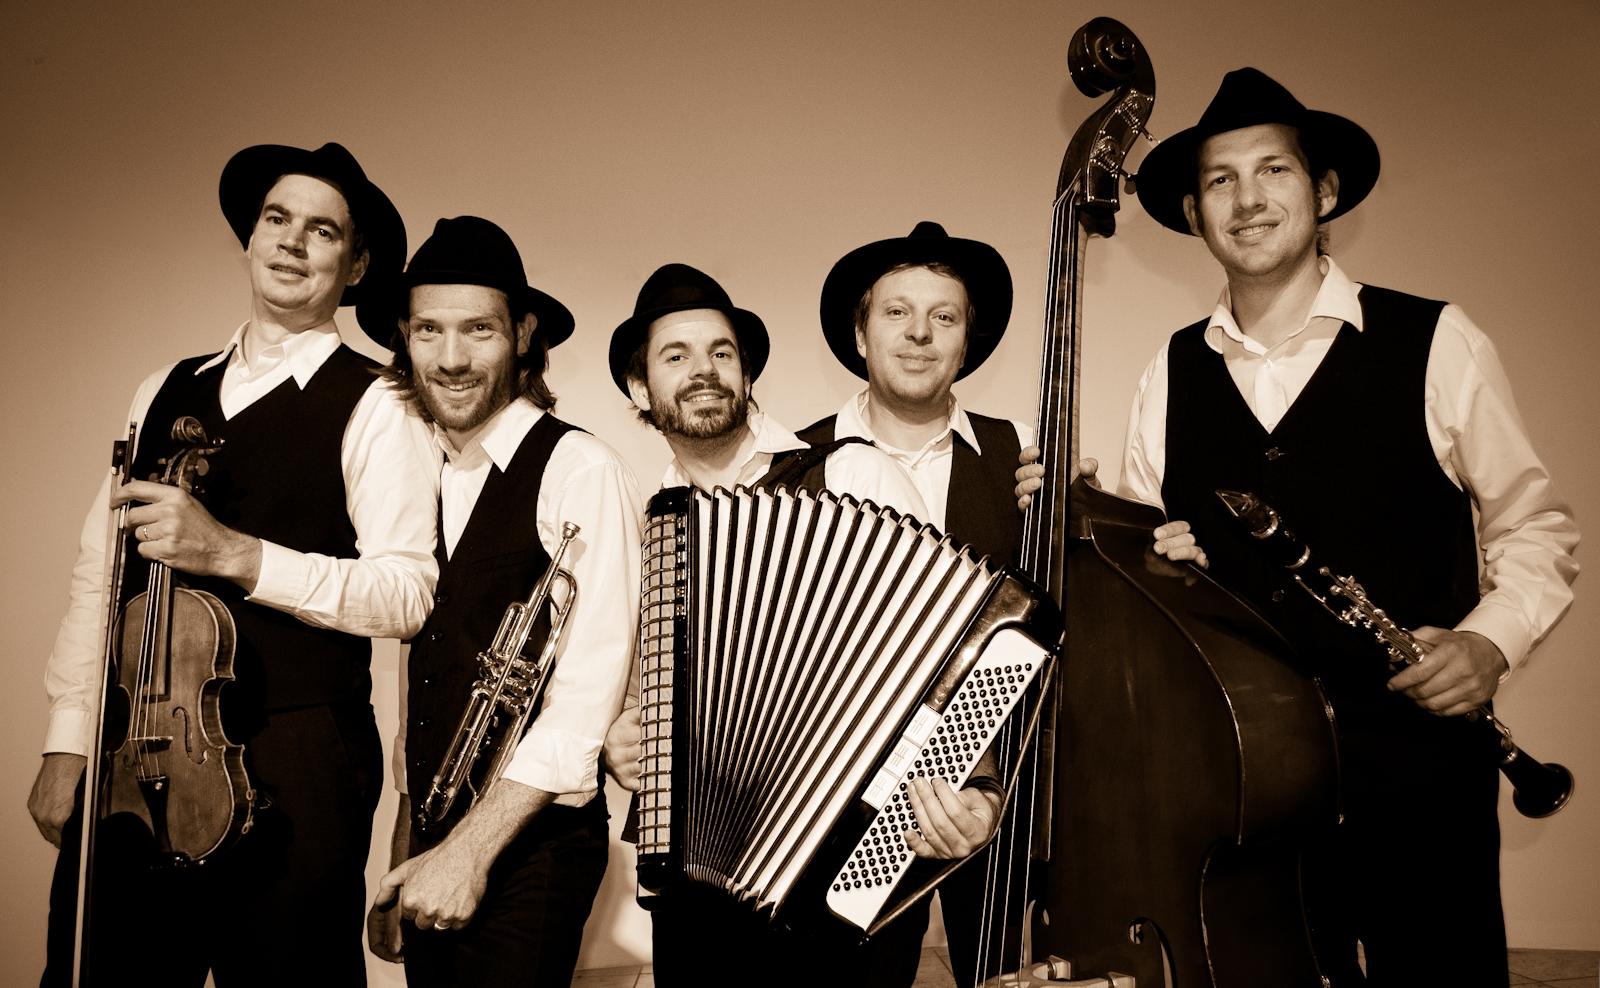 Das Klezmer Quartett Heidelberg - eine Klezmer Band